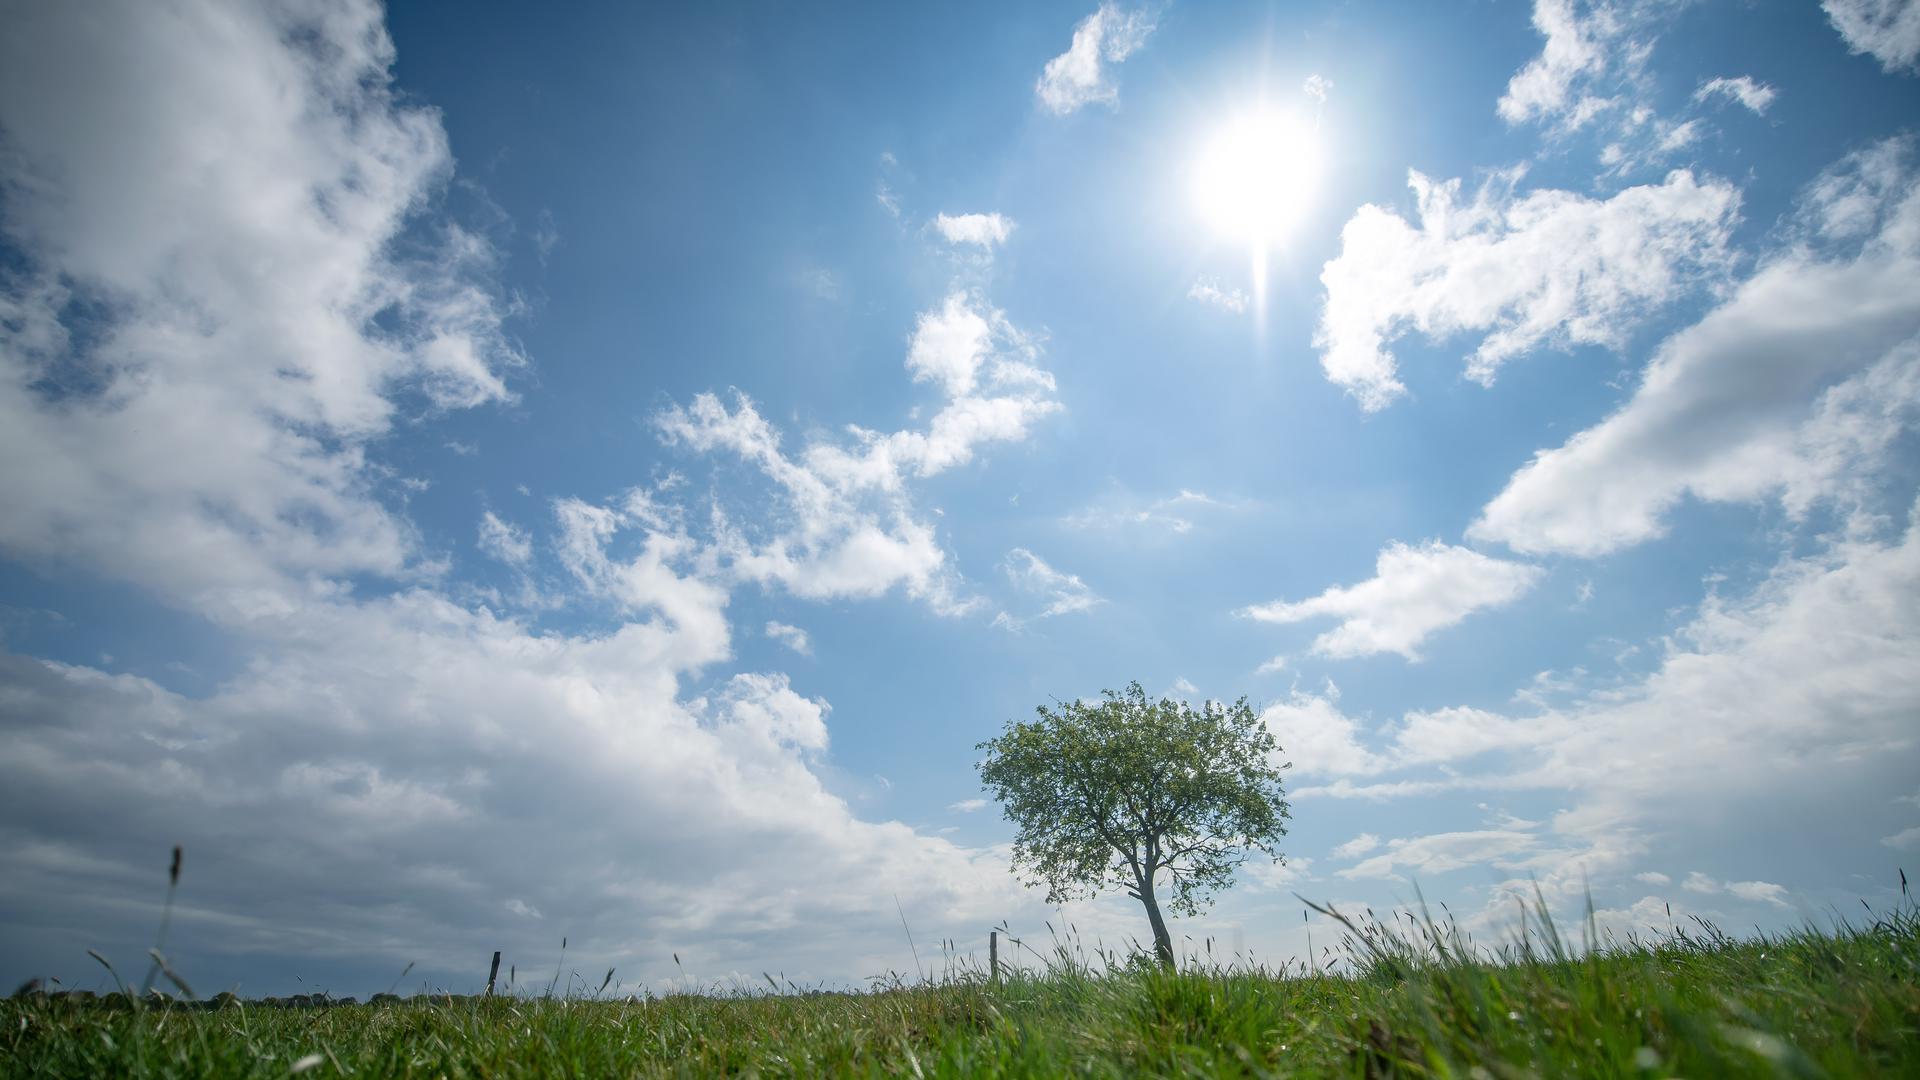 Aus der Natur ziehen Unternehmen und Privatleute Energie, um Strom im Landkreis Karlsruhe und benachbarten Regionen zu ziehen. Sonne und Wind, aber auch Wasser und Erdwärme gelten als Alternativen zum konventionellen Weg.